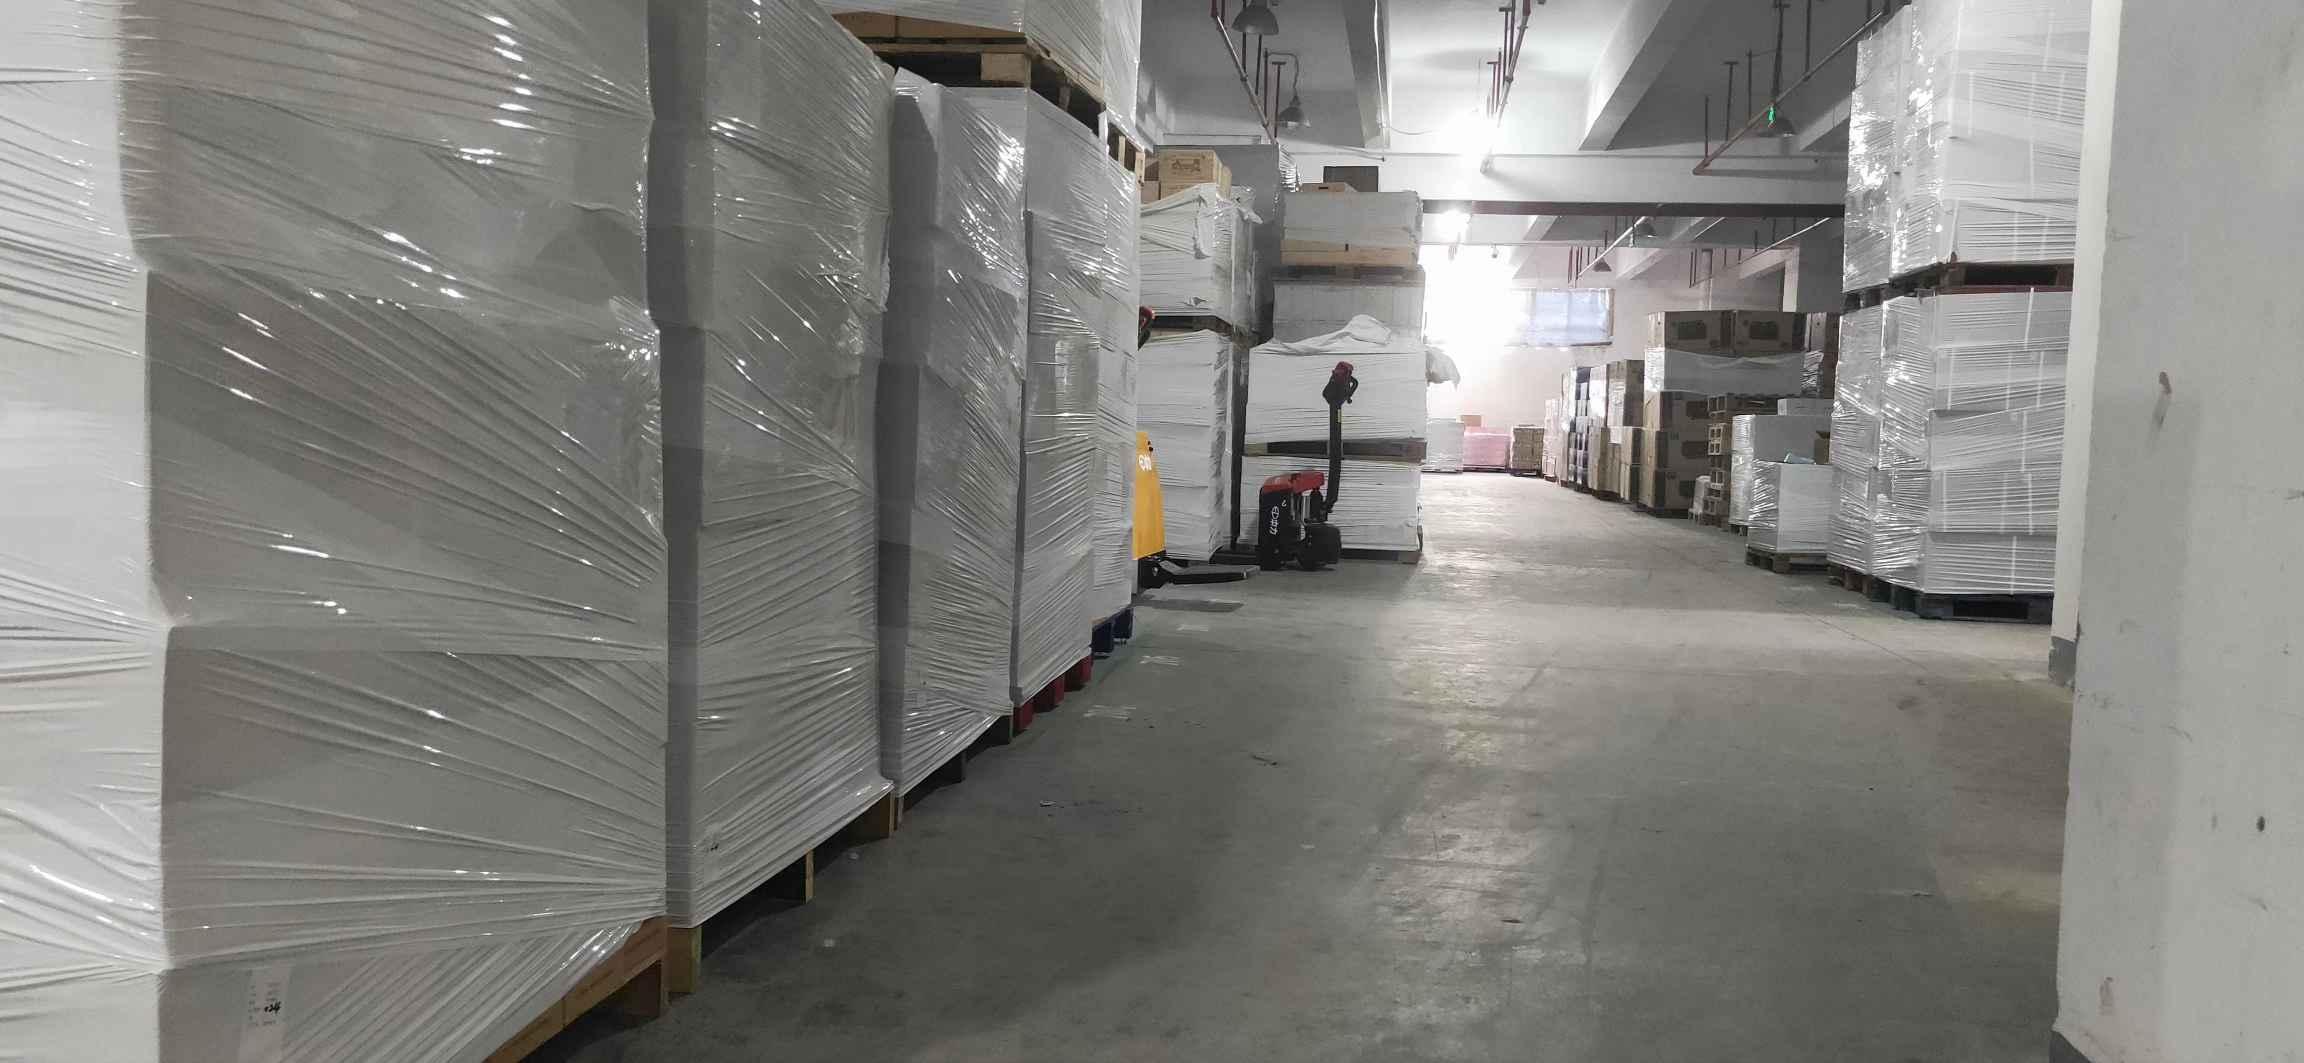 寶安區大型恒溫倉庫給您好的建議 誠信經營 深圳市嘉禾云倉儲運供應